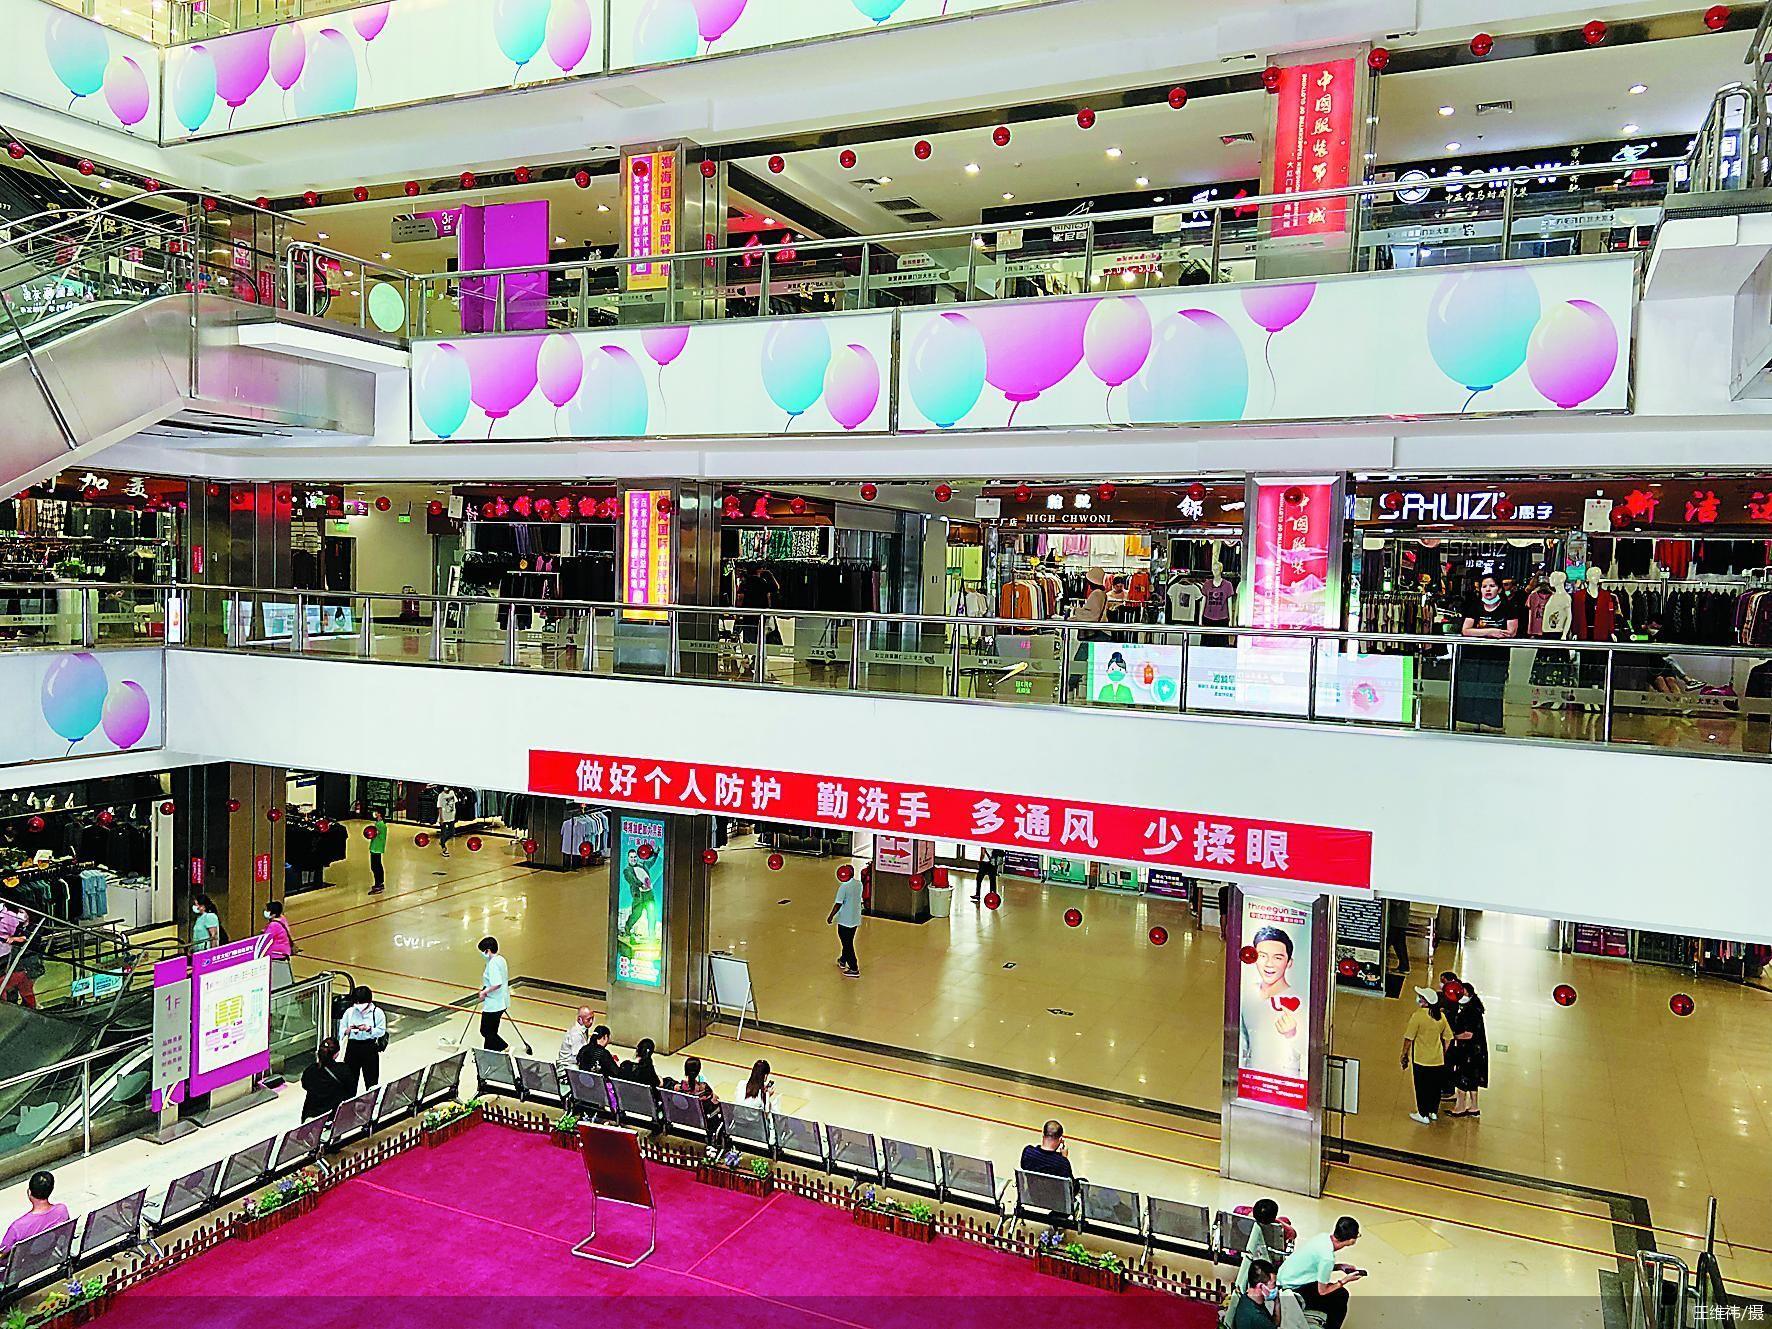 腾退步入尾声 北京大红门服装商贸城10月底关停疏解